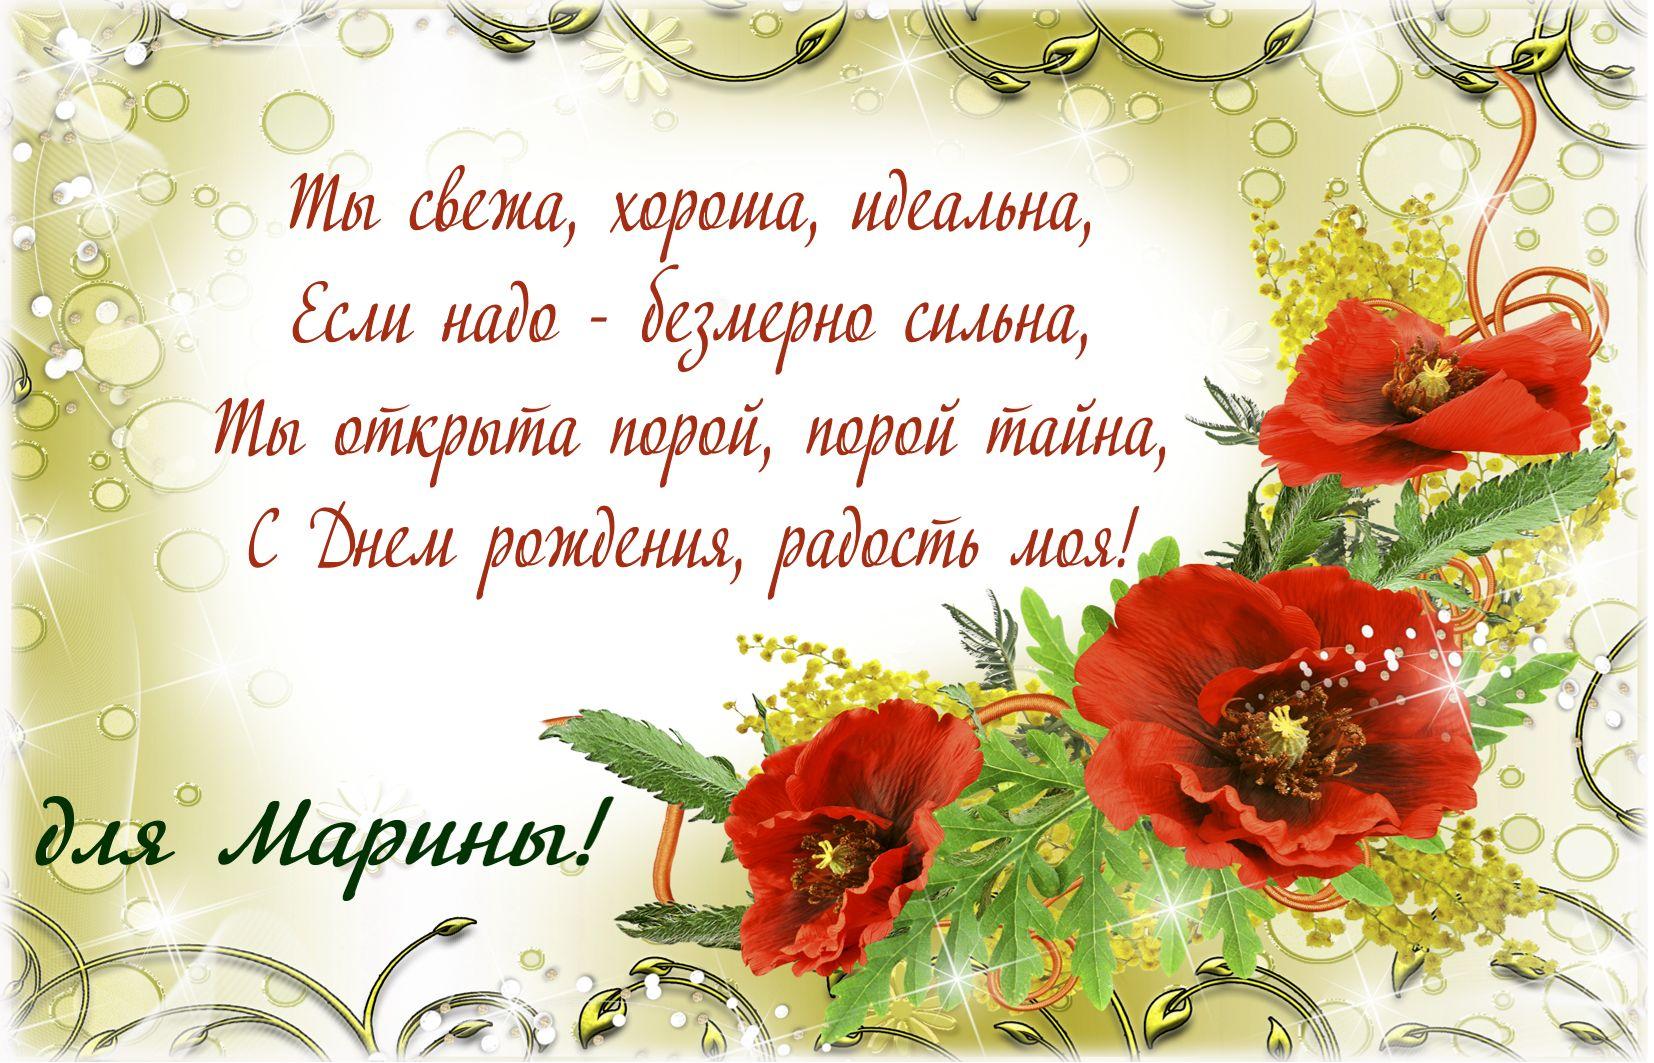 Красные маки для Марины с пожеланием